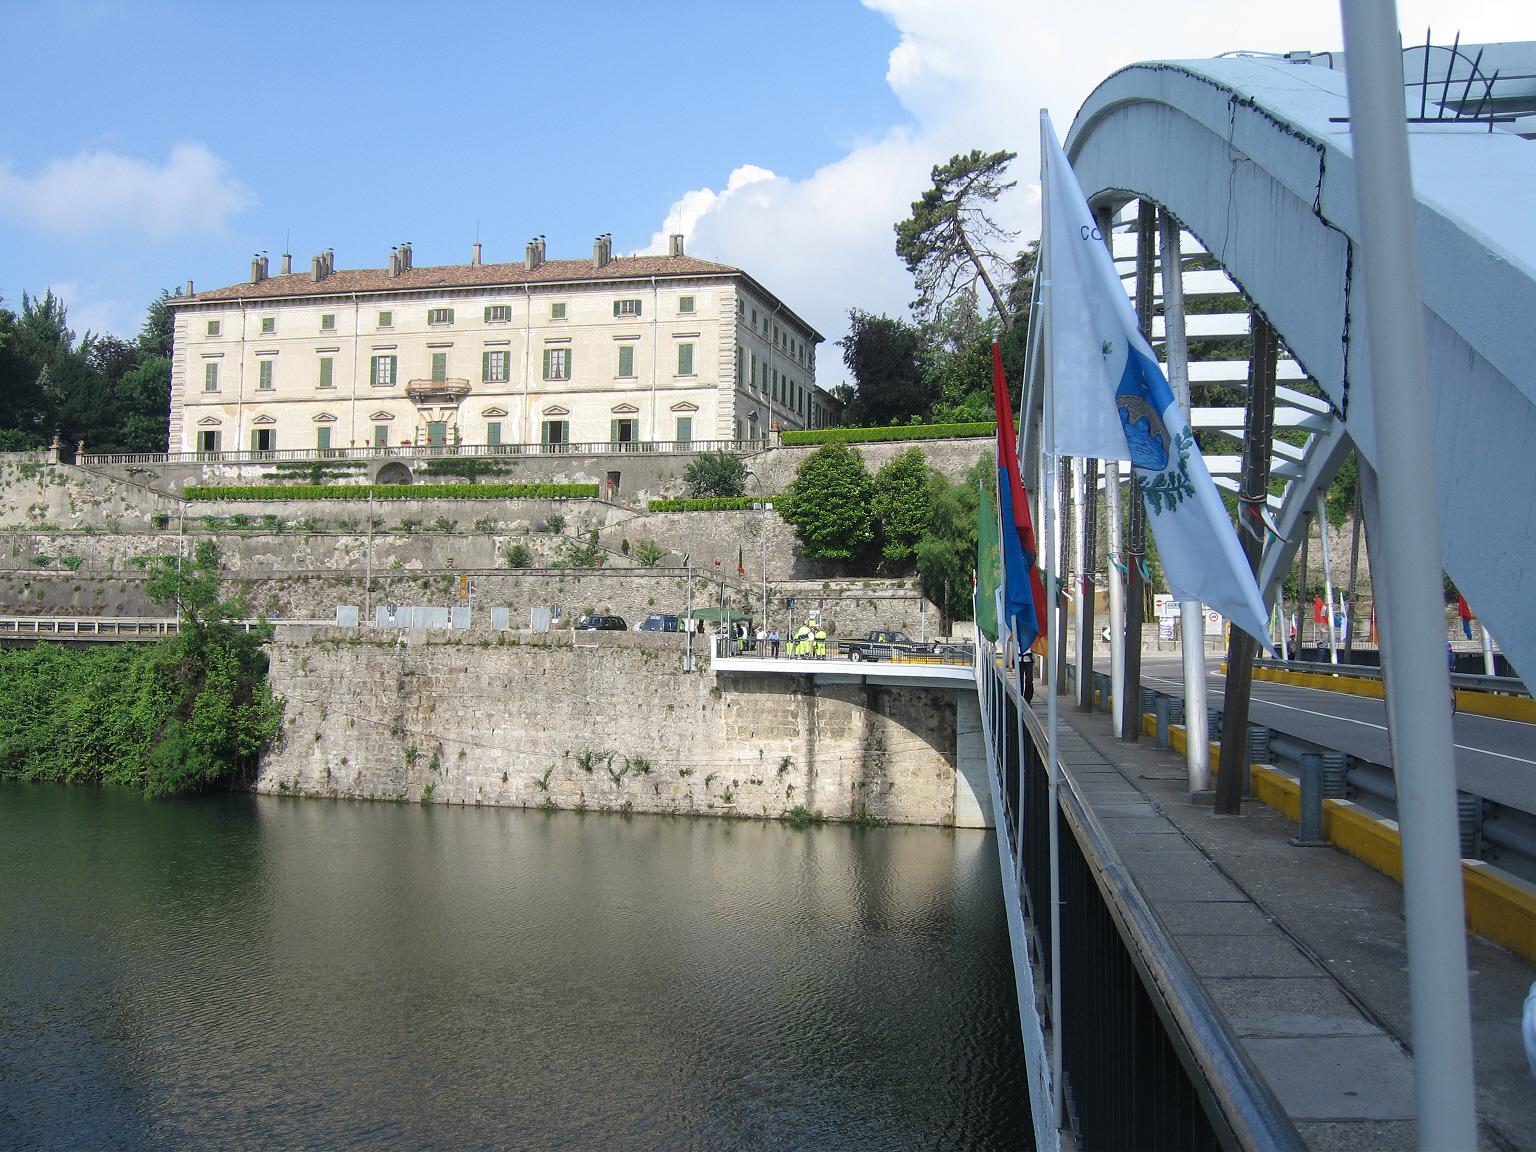 Villa Melzi d'Eril dove Leonardo soggiornò per circa tre anni